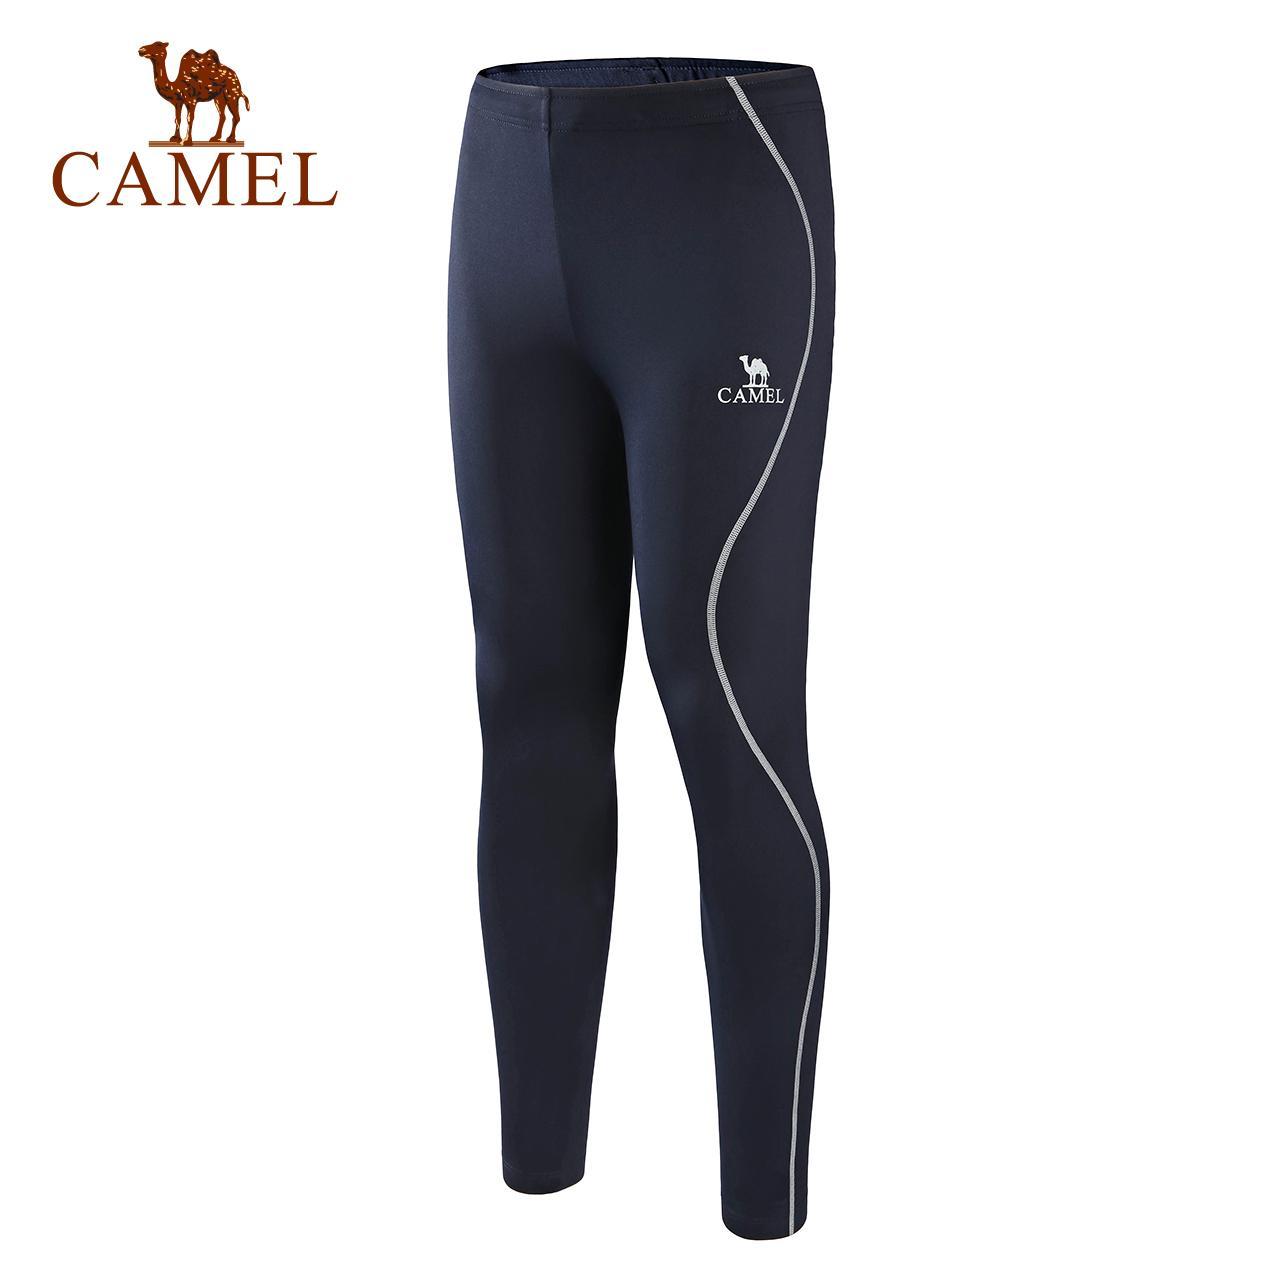 Quần legging chạy bộ dành cho nam Camel